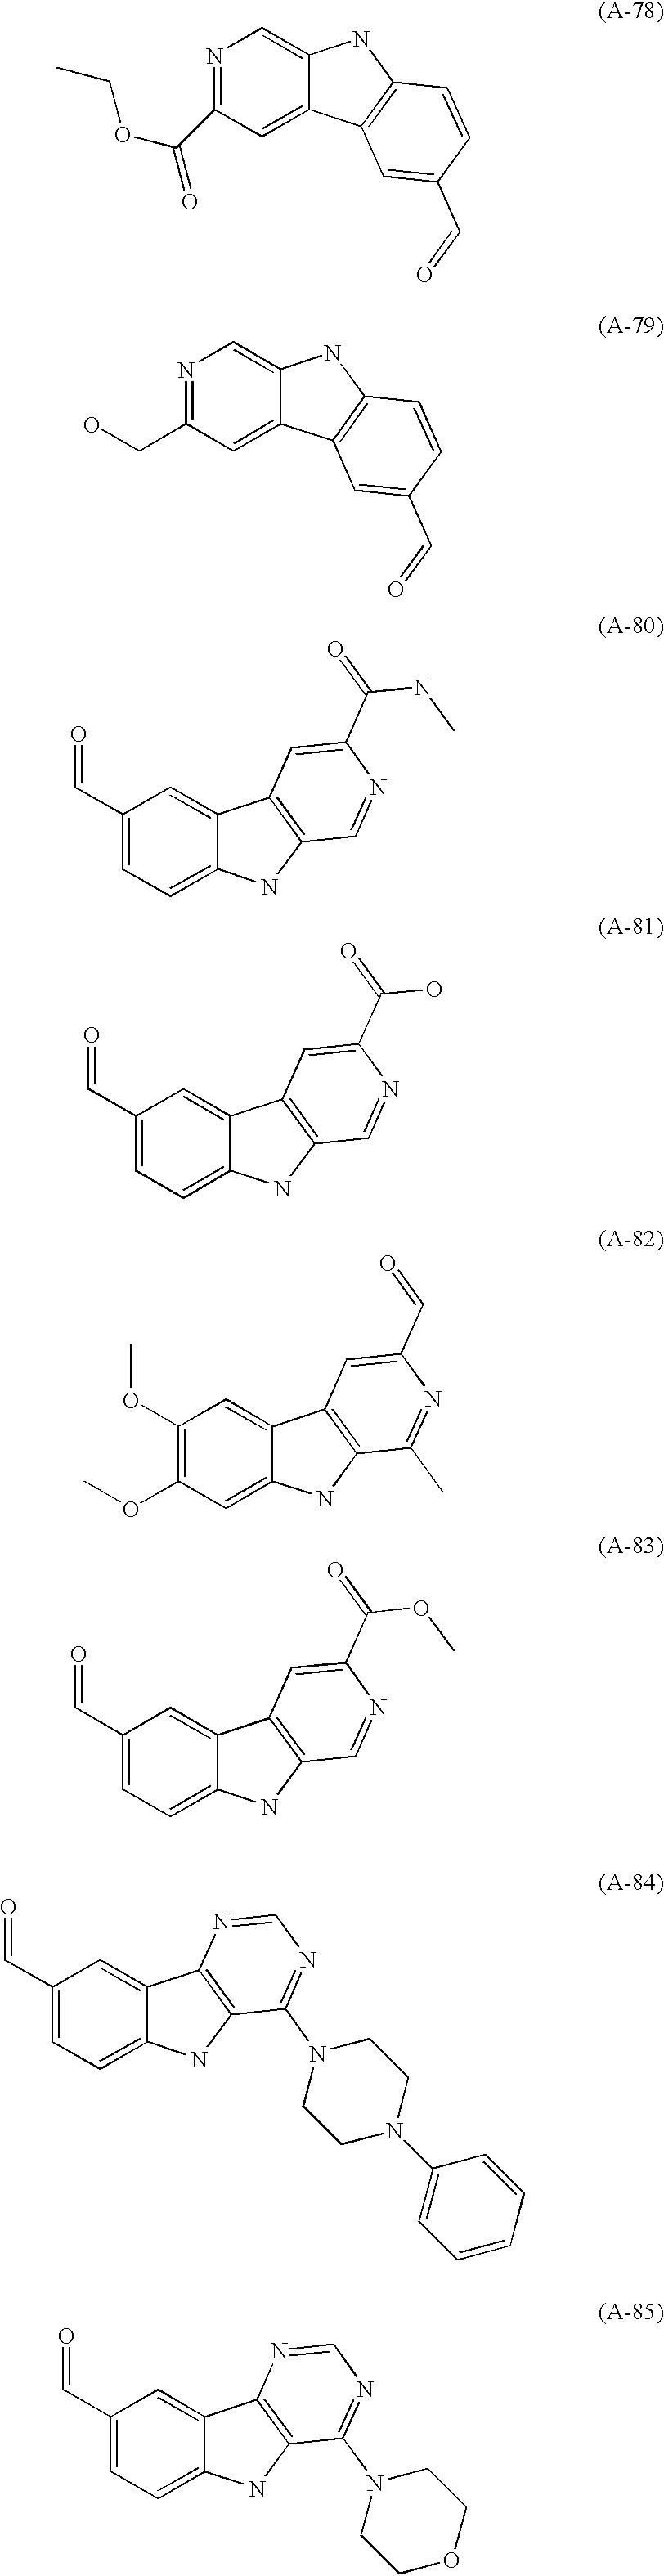 Figure US20030203901A1-20031030-C00028